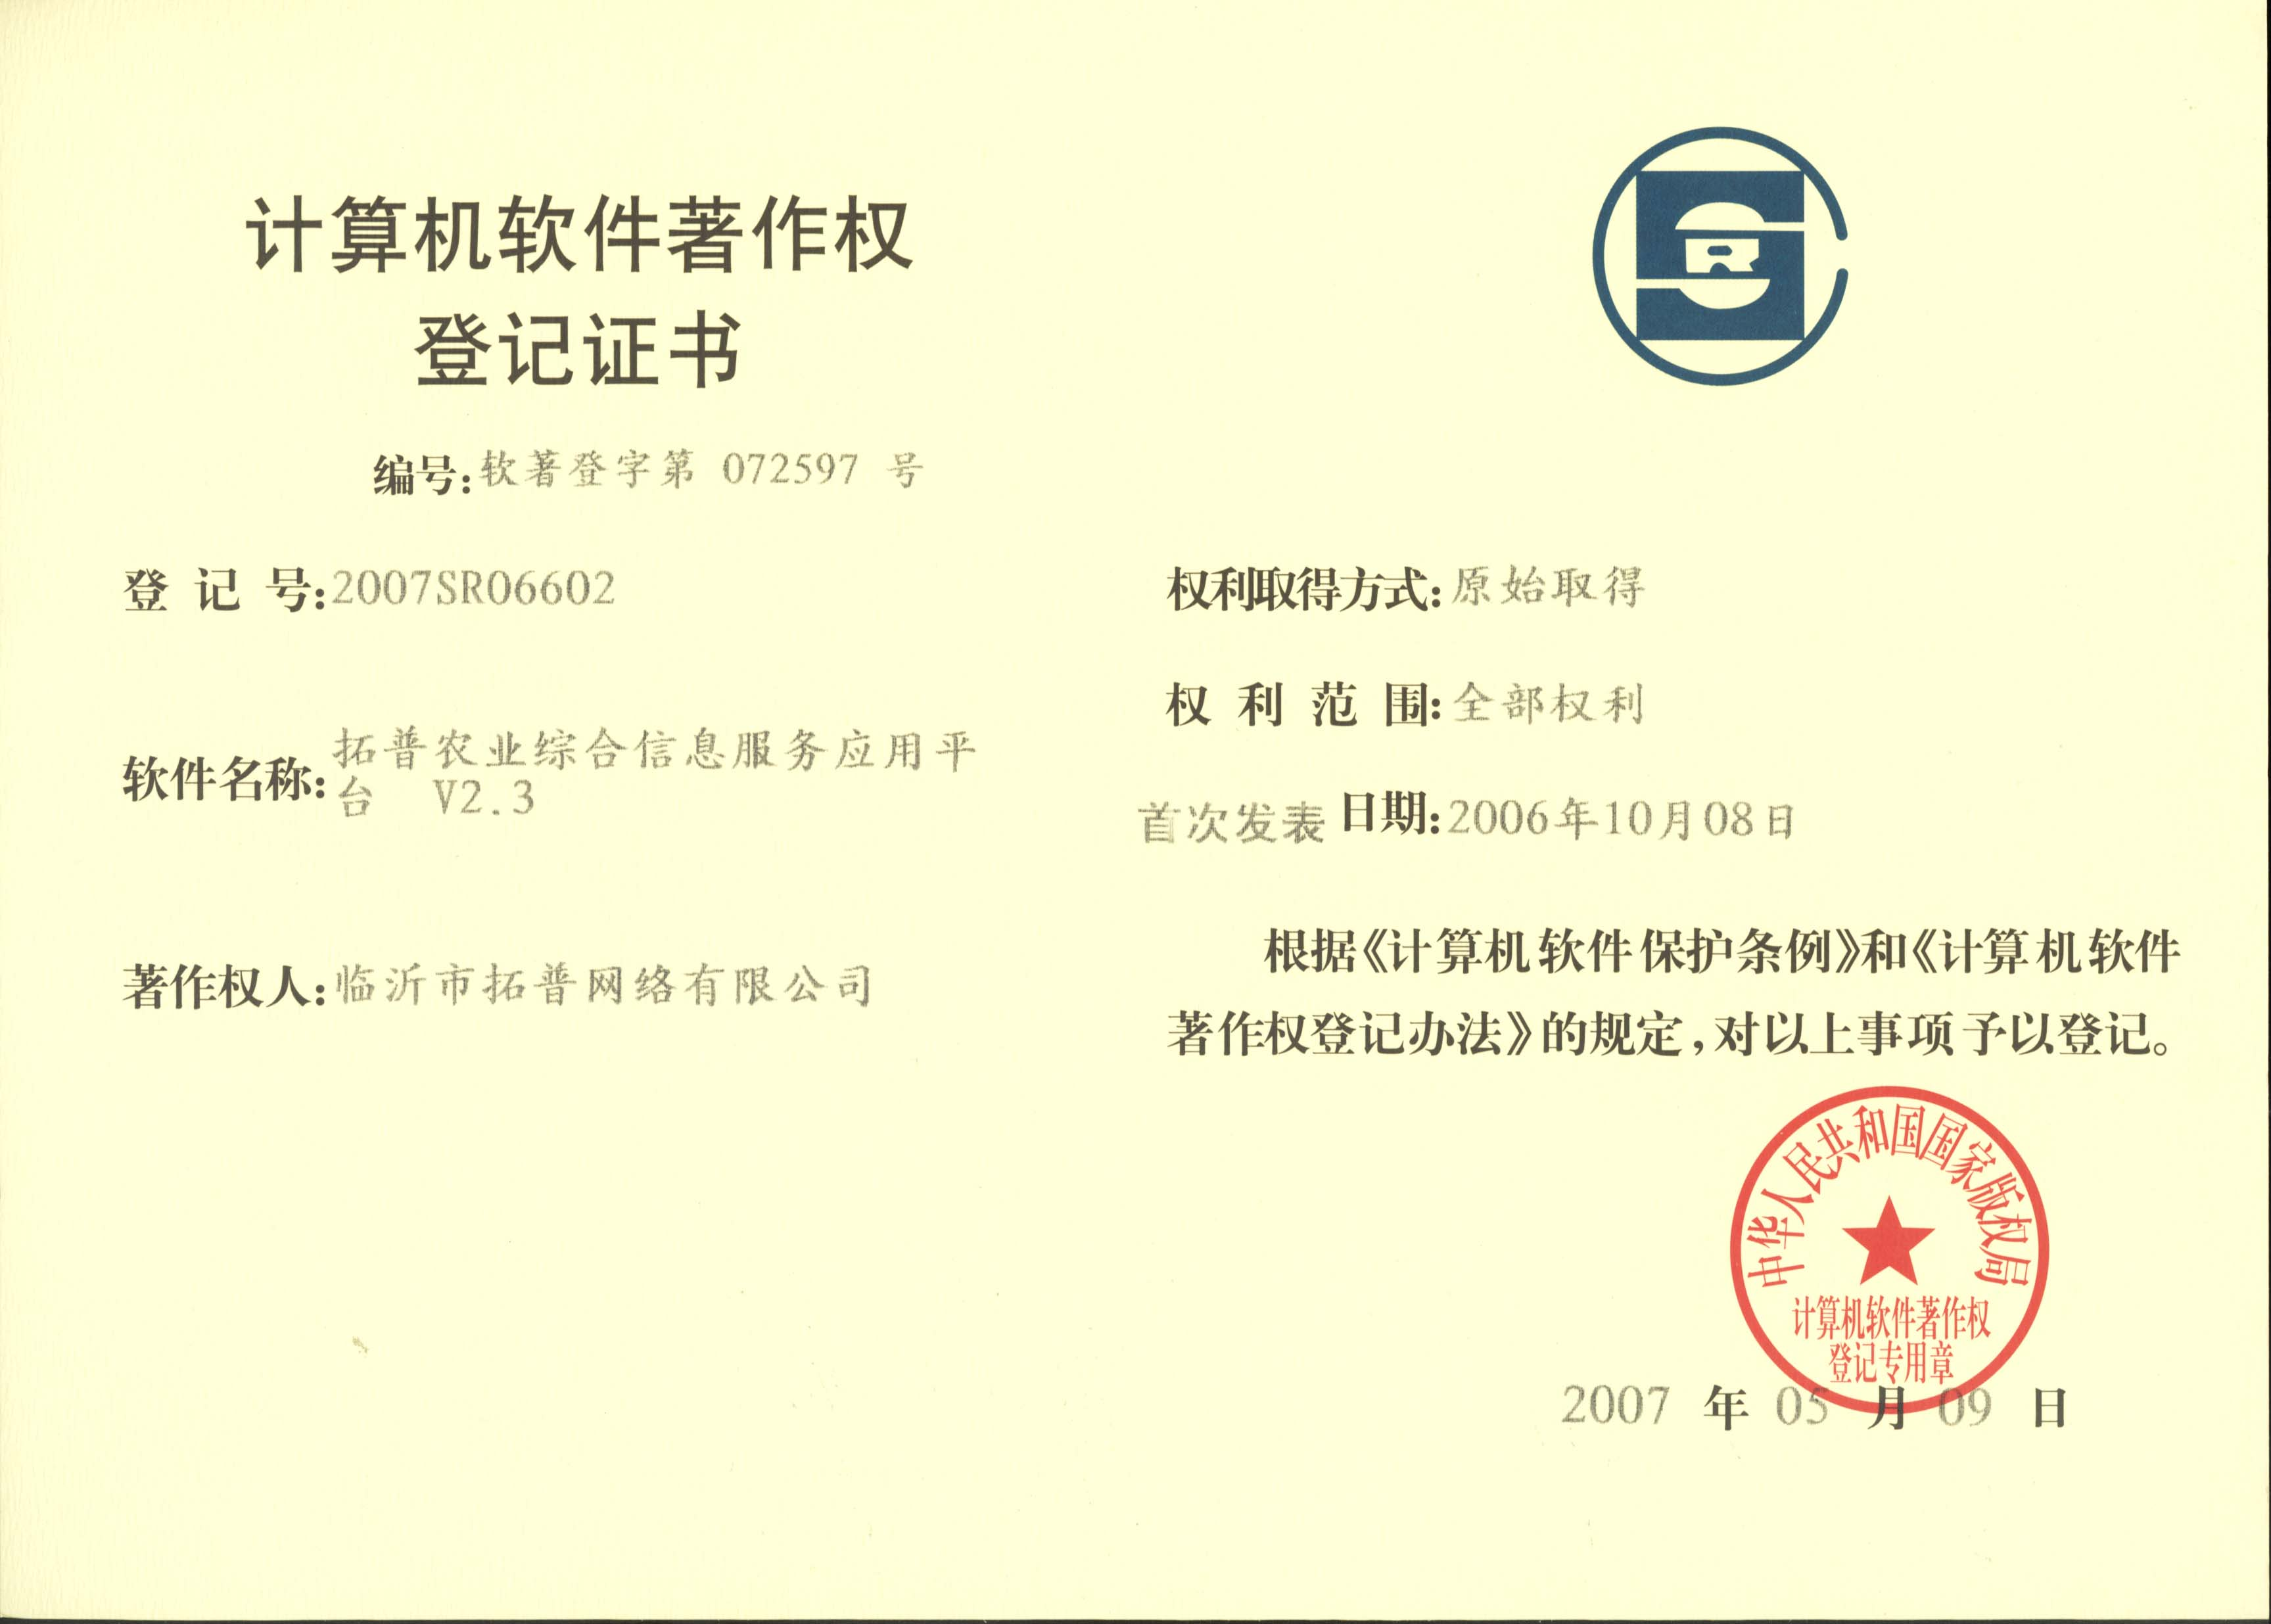 主题:《拓普农业综合信息服务应用平台》 日期:2010-12-06